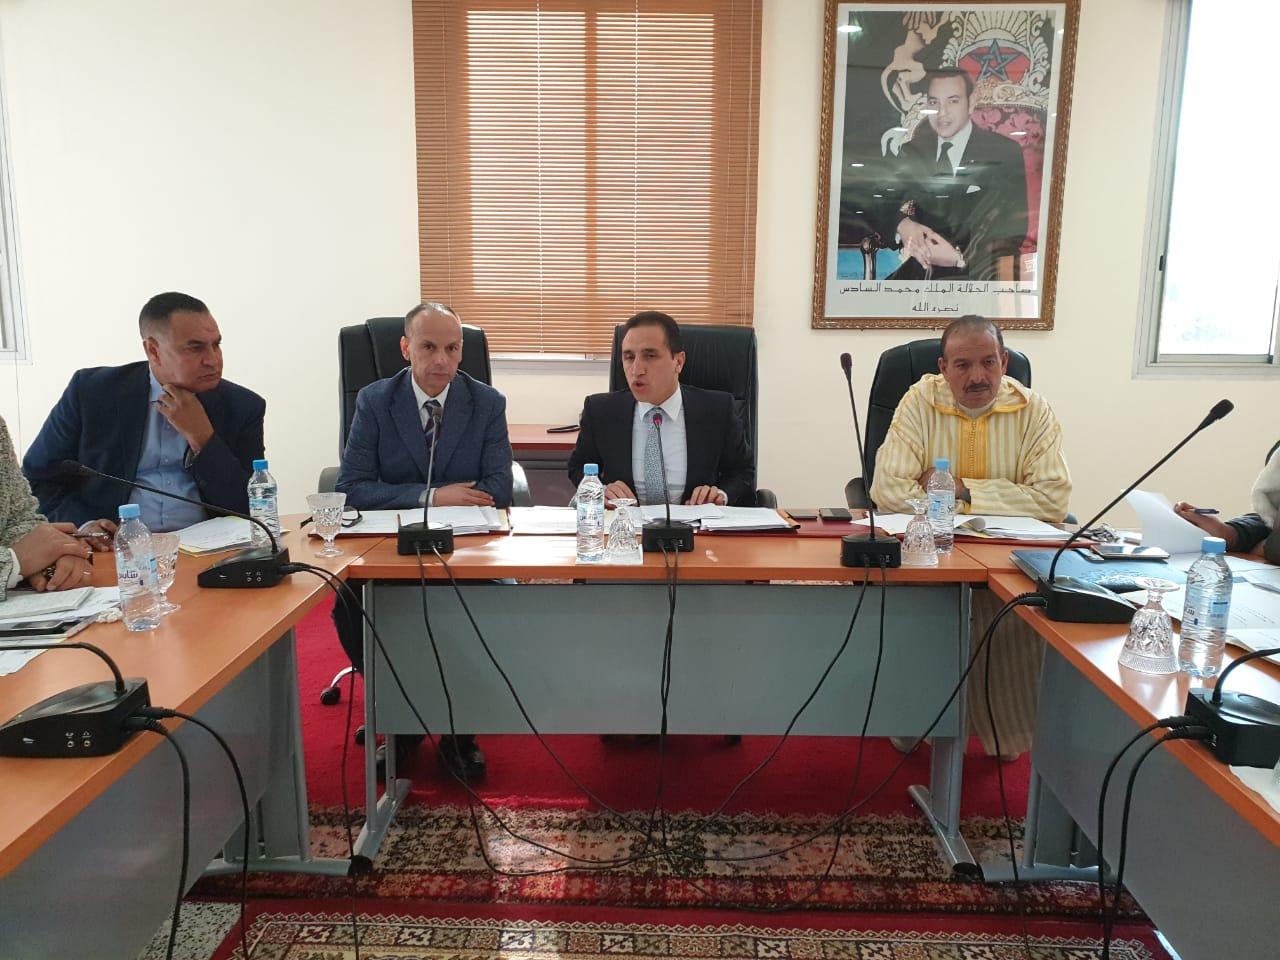 بني ملال : مجلس جهة يطلع على تقدم برنامج تقليص الفوارق الاجتماعية